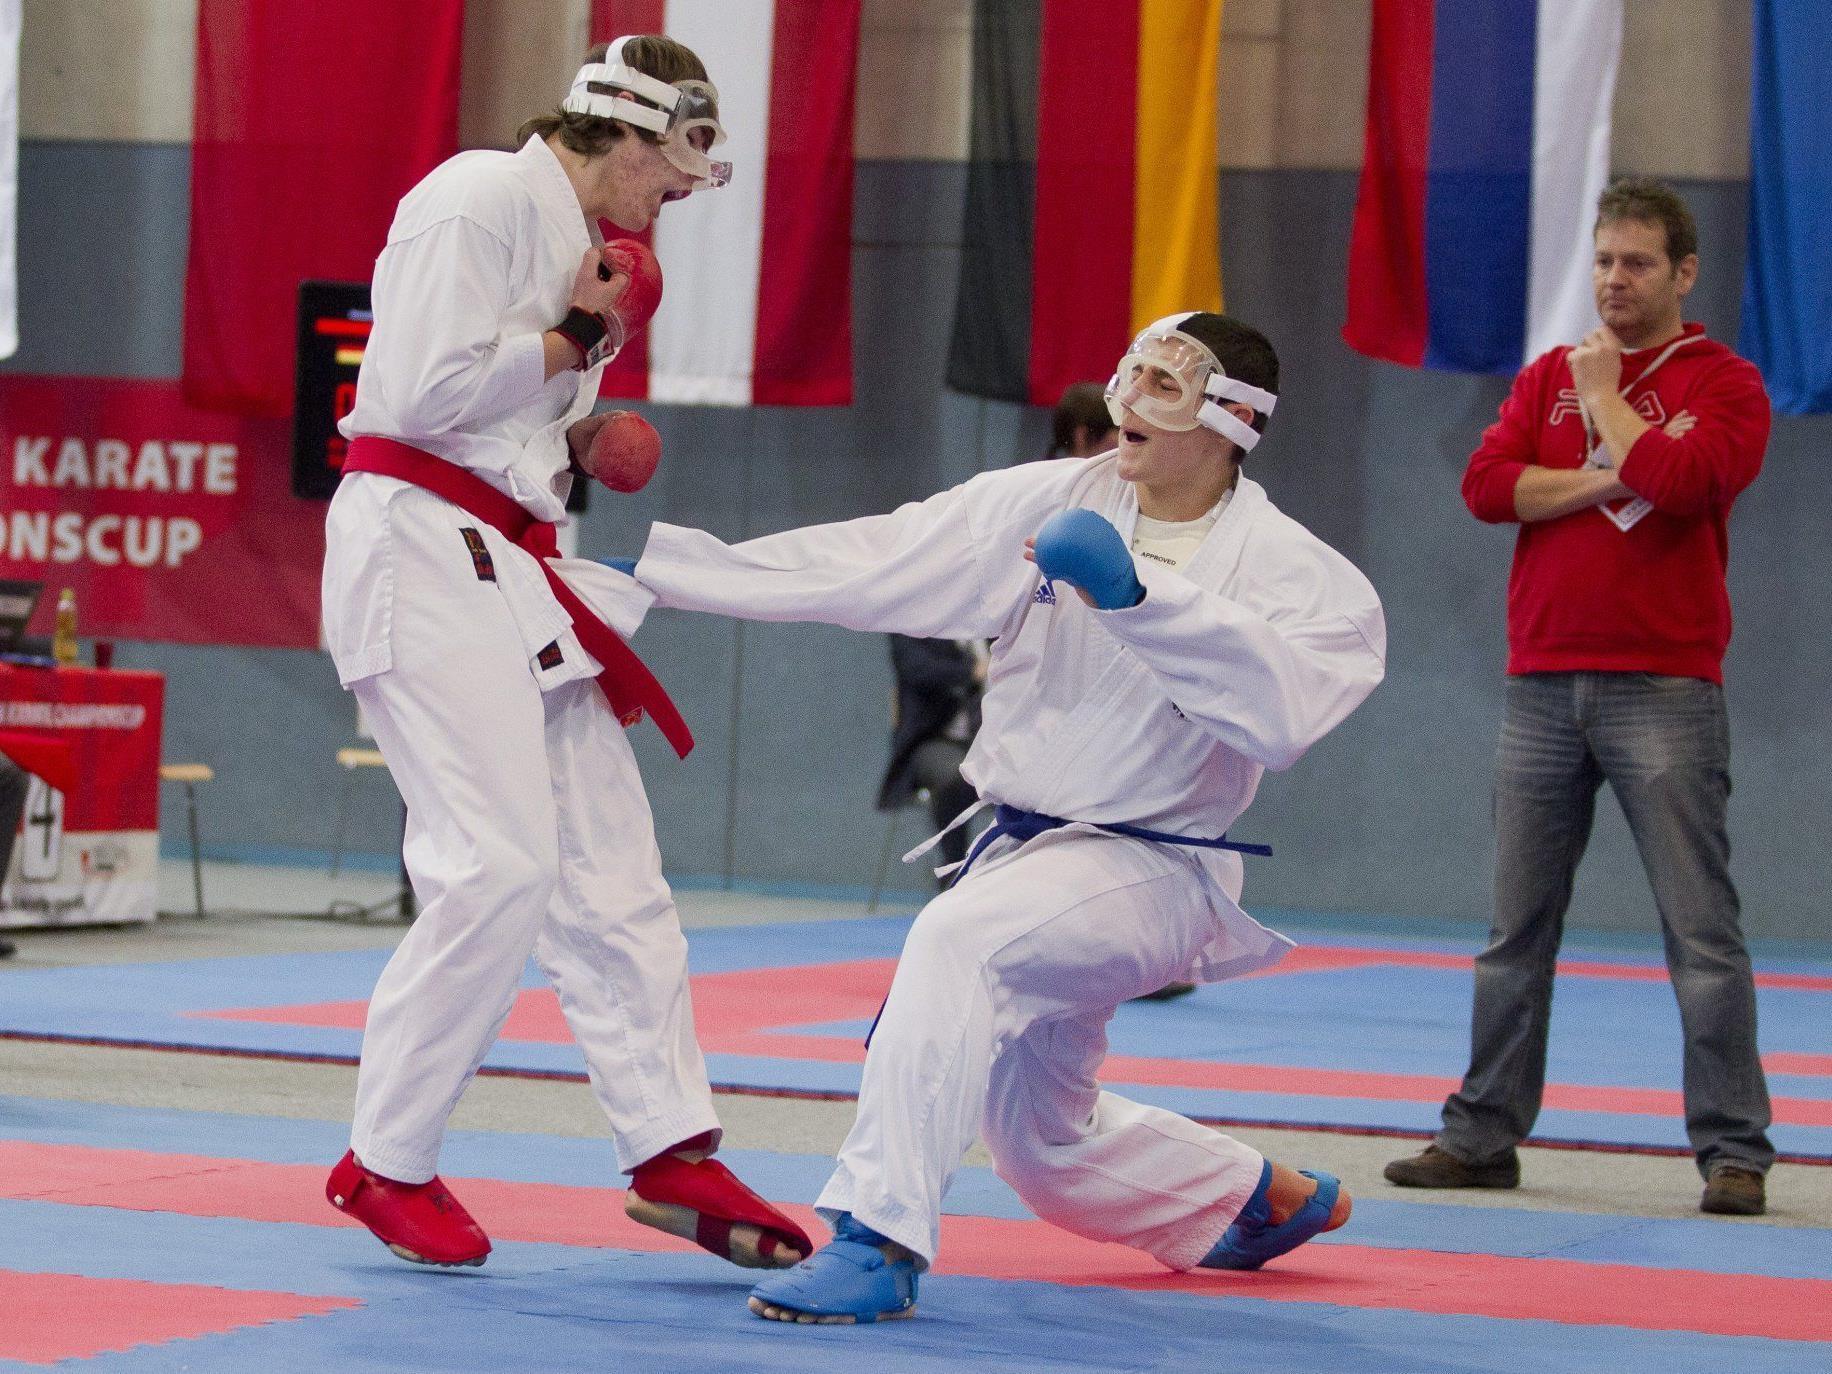 Topleistungen der heimischen Karatesportler beim Niki Cup in Höchst.